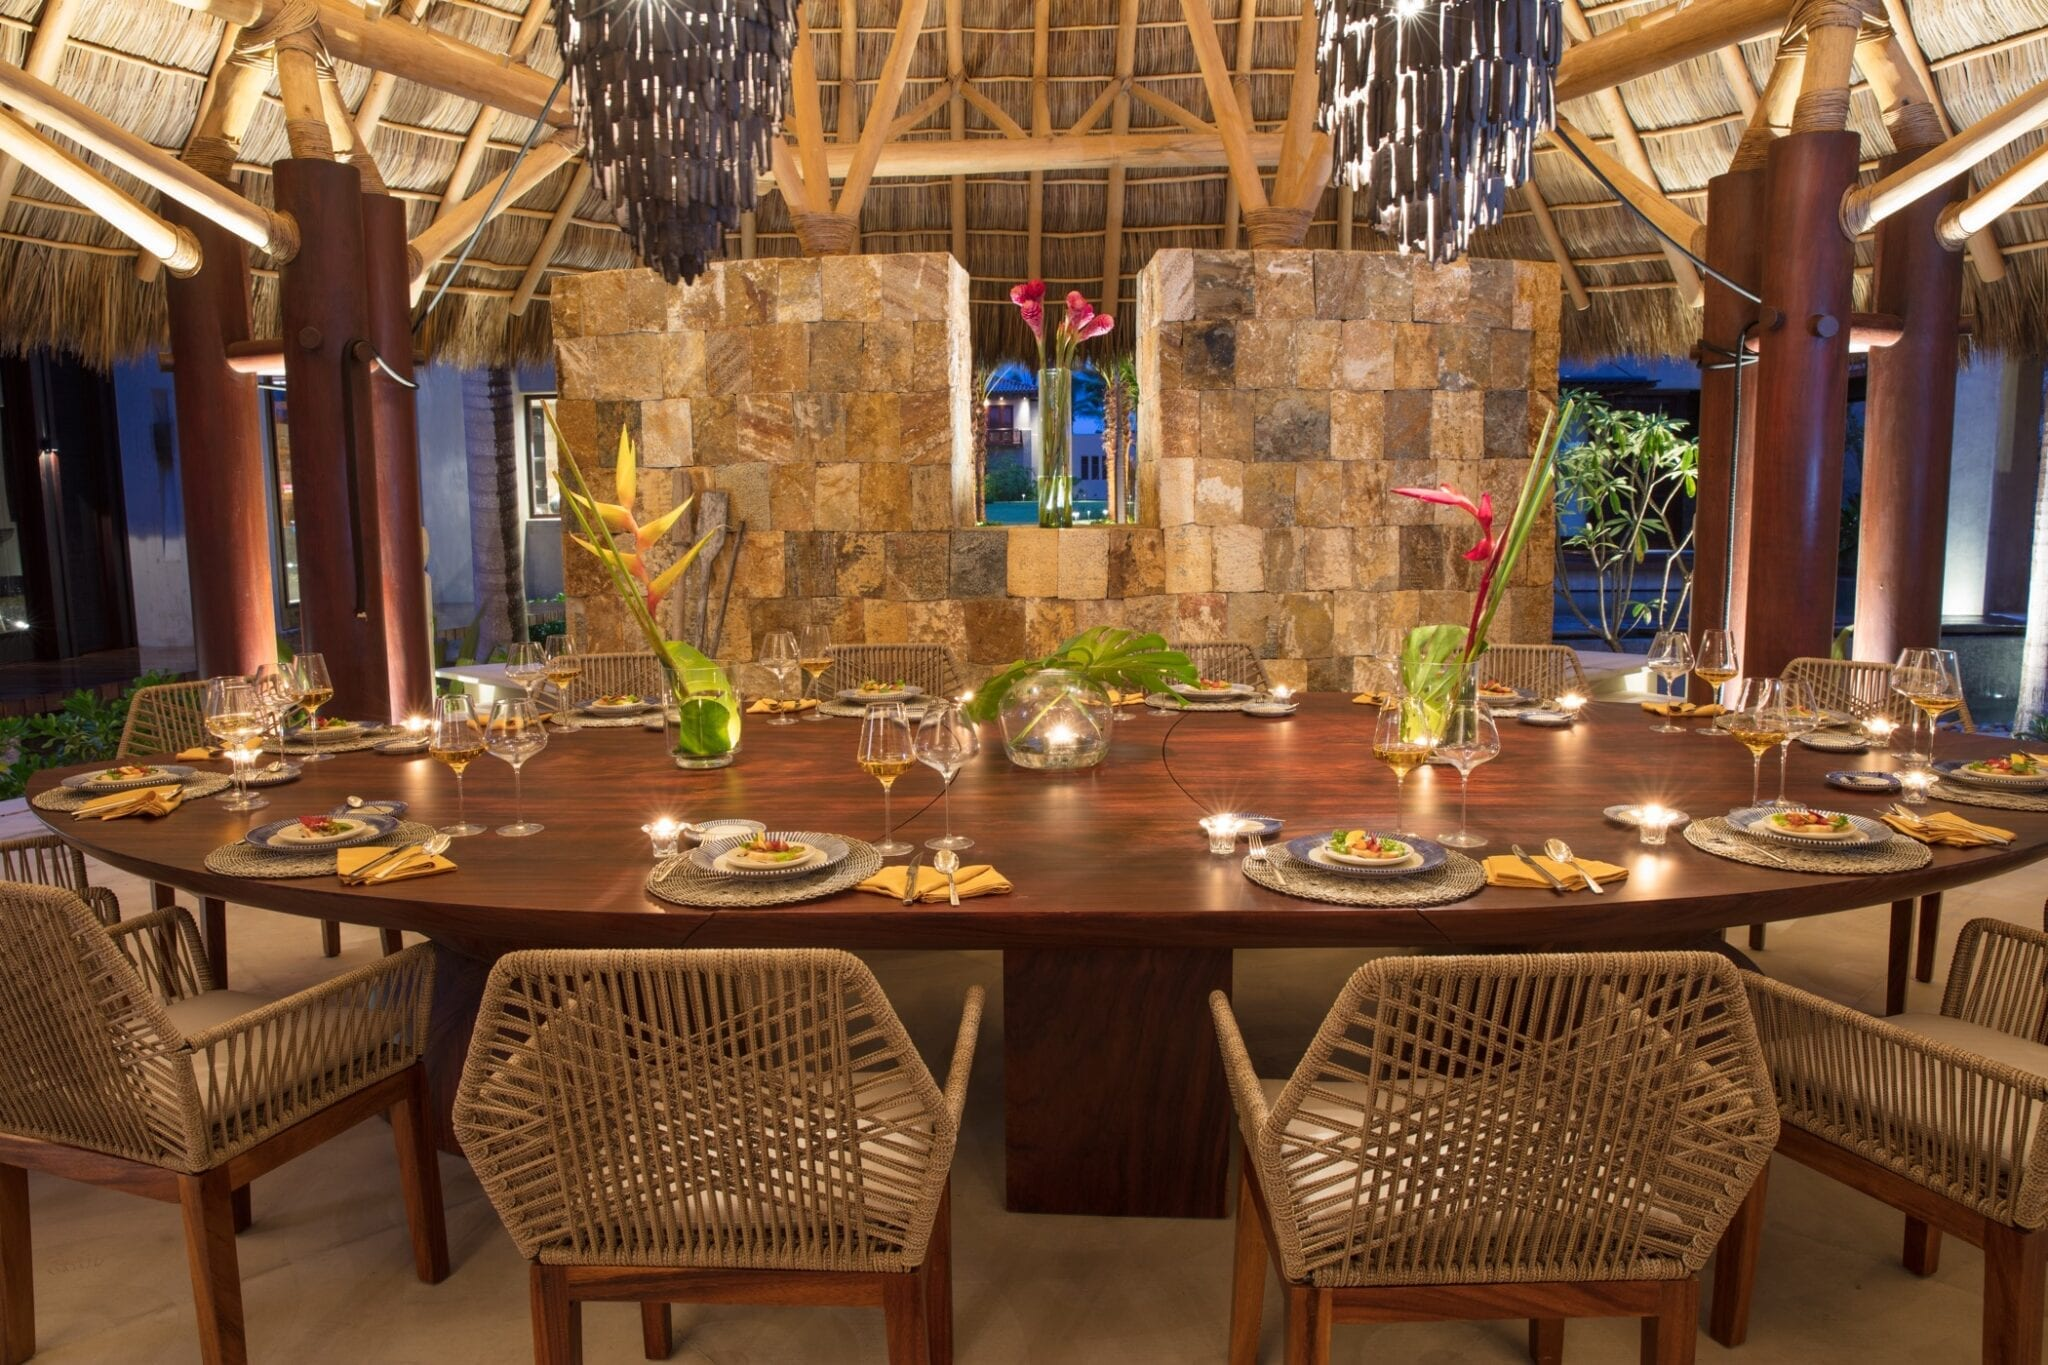 Casa Koko Dining Room Formal Setting